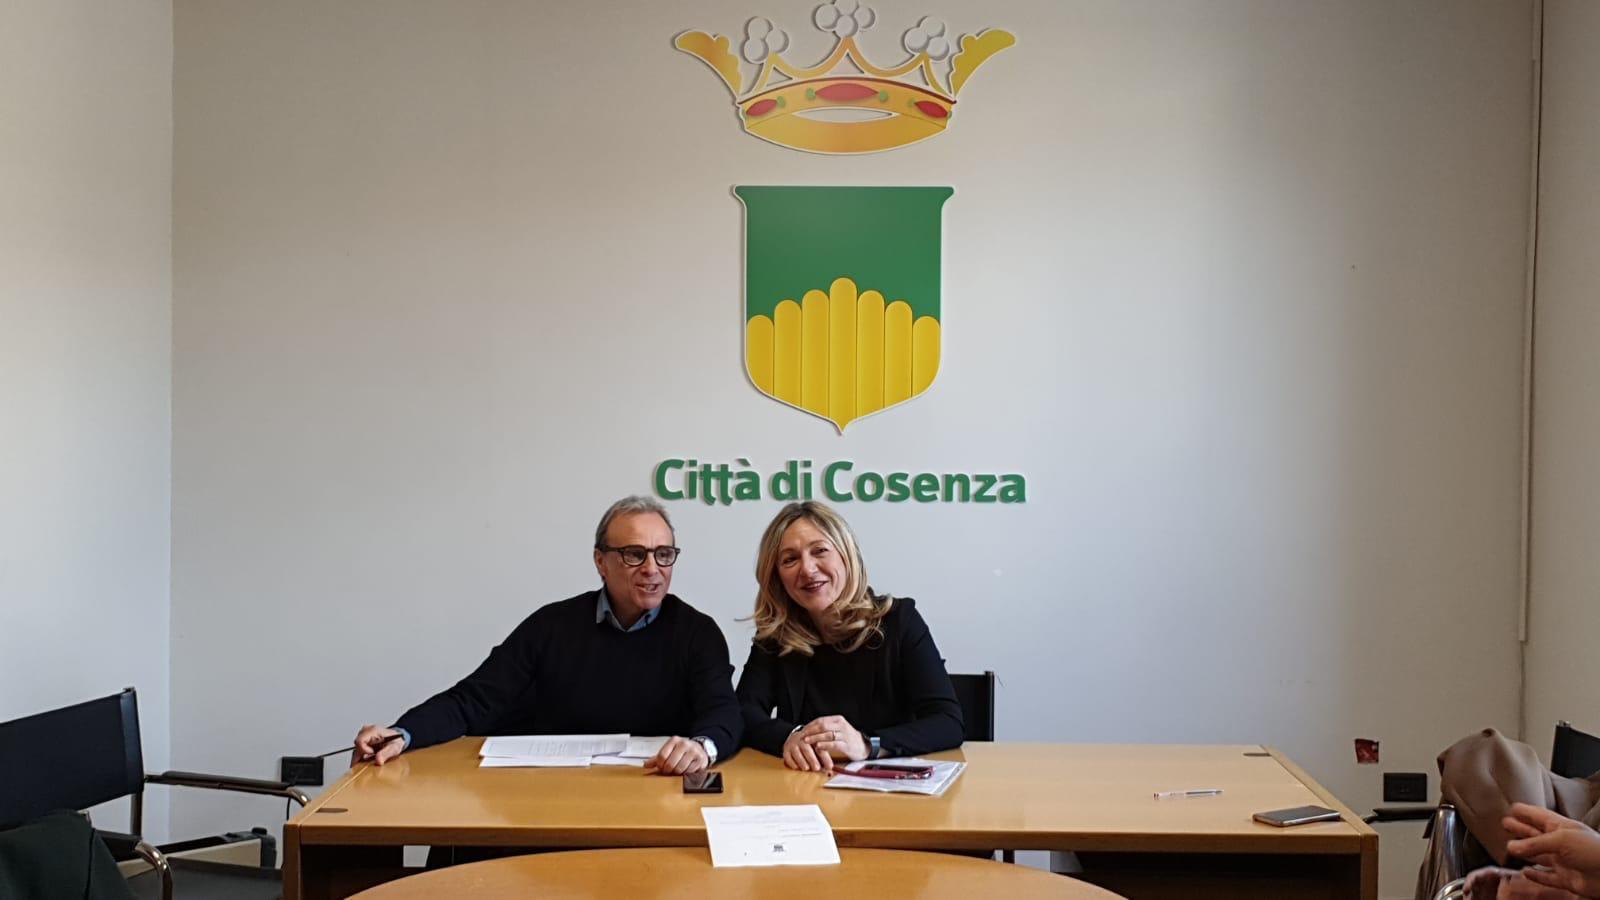 la Presidente della Commissione consiliare attività economiche e produttive Annalisa Apicella